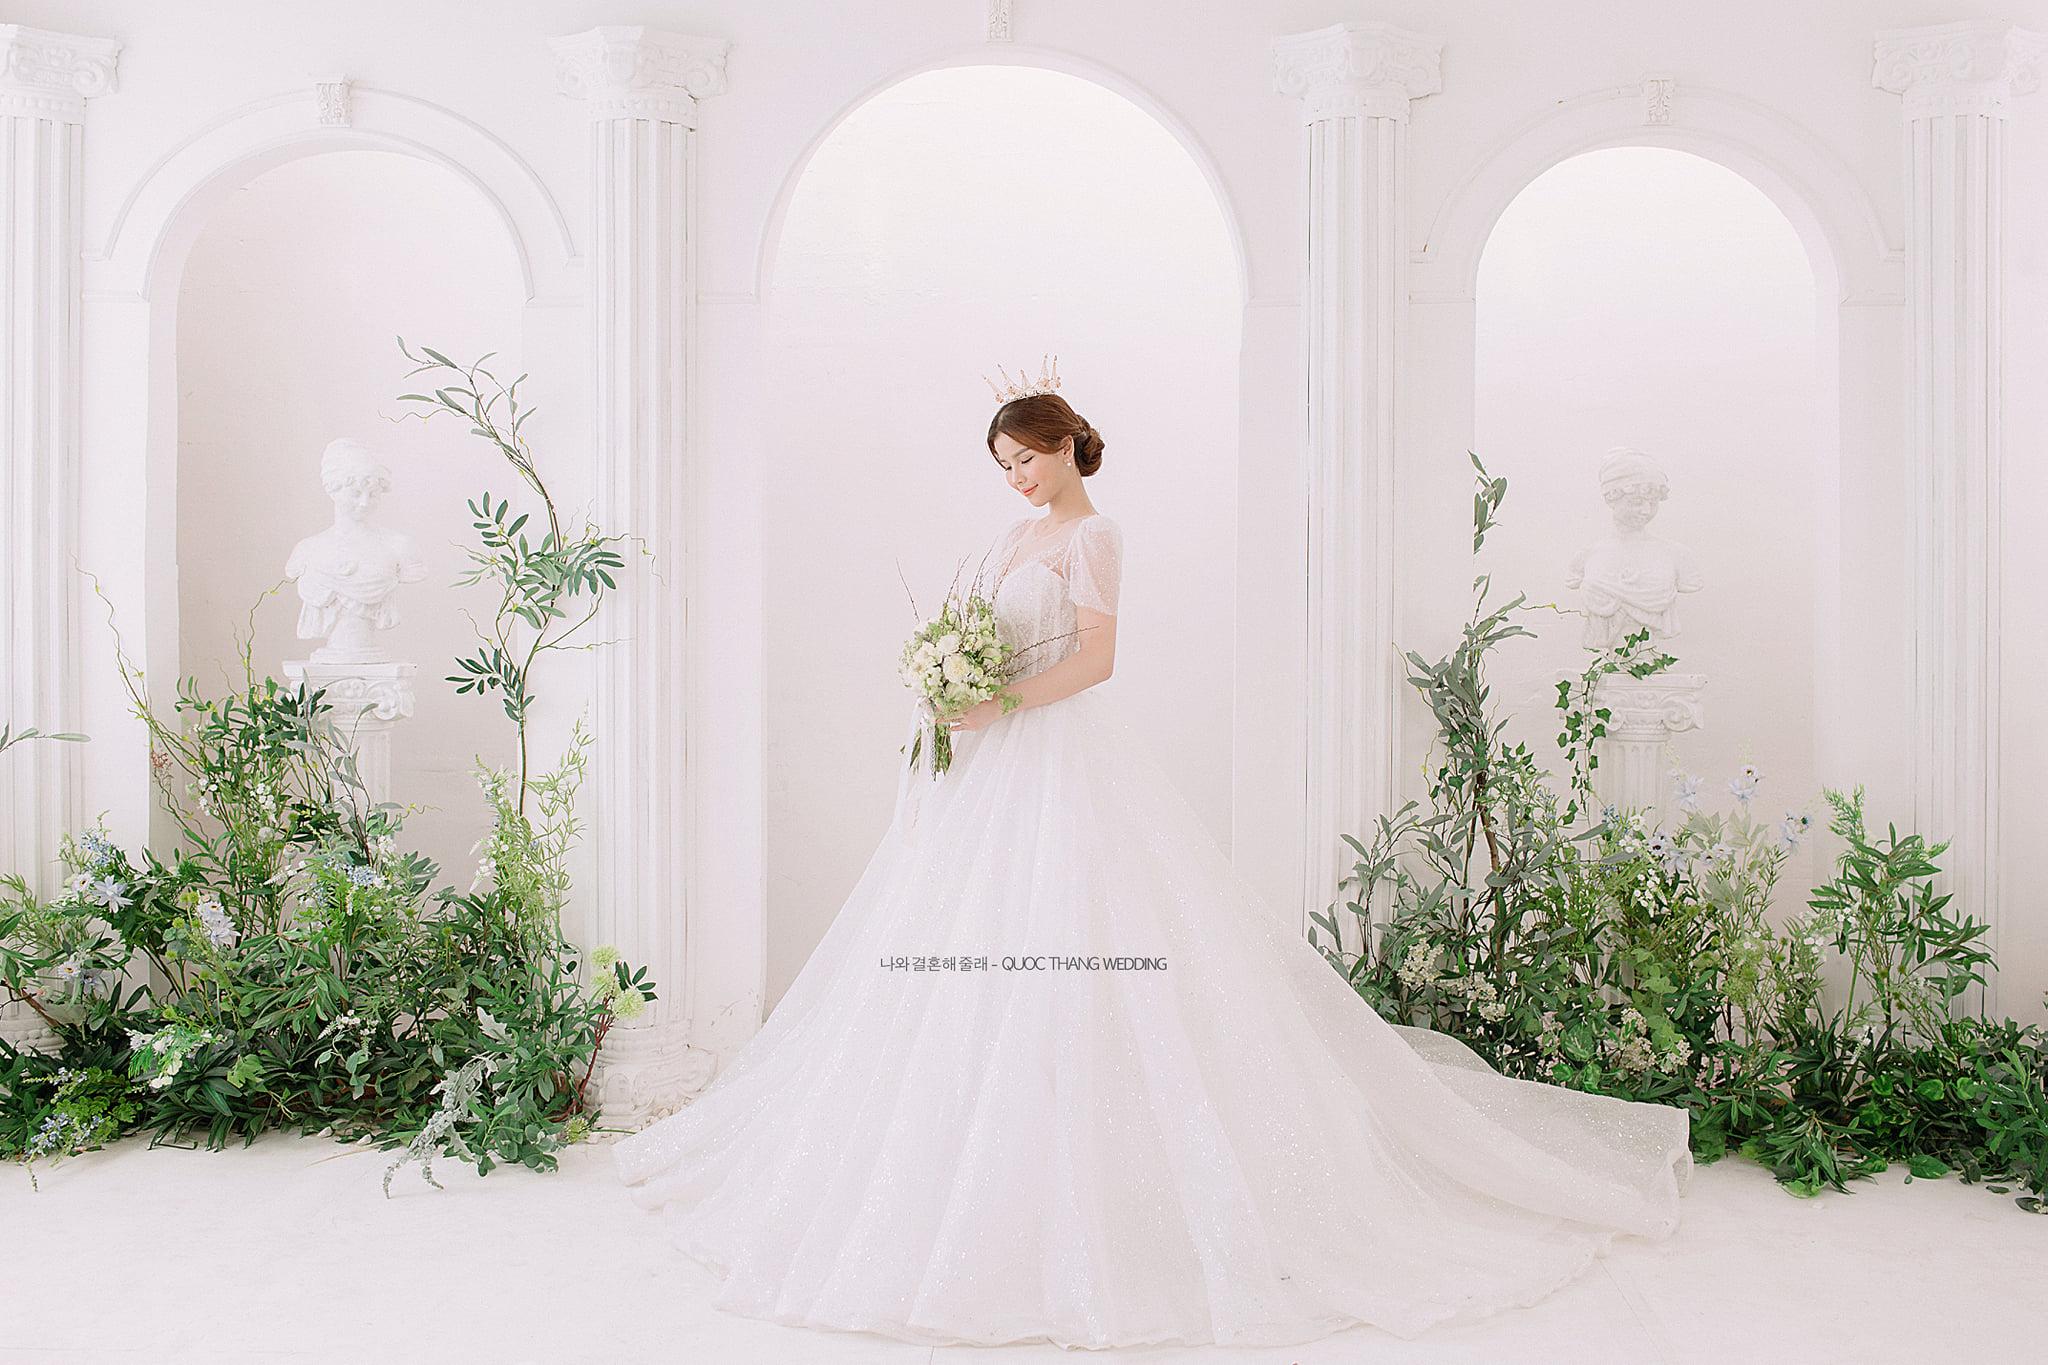 Ảnh Cưới Hàn Quốc - Quốc Thắng Studio